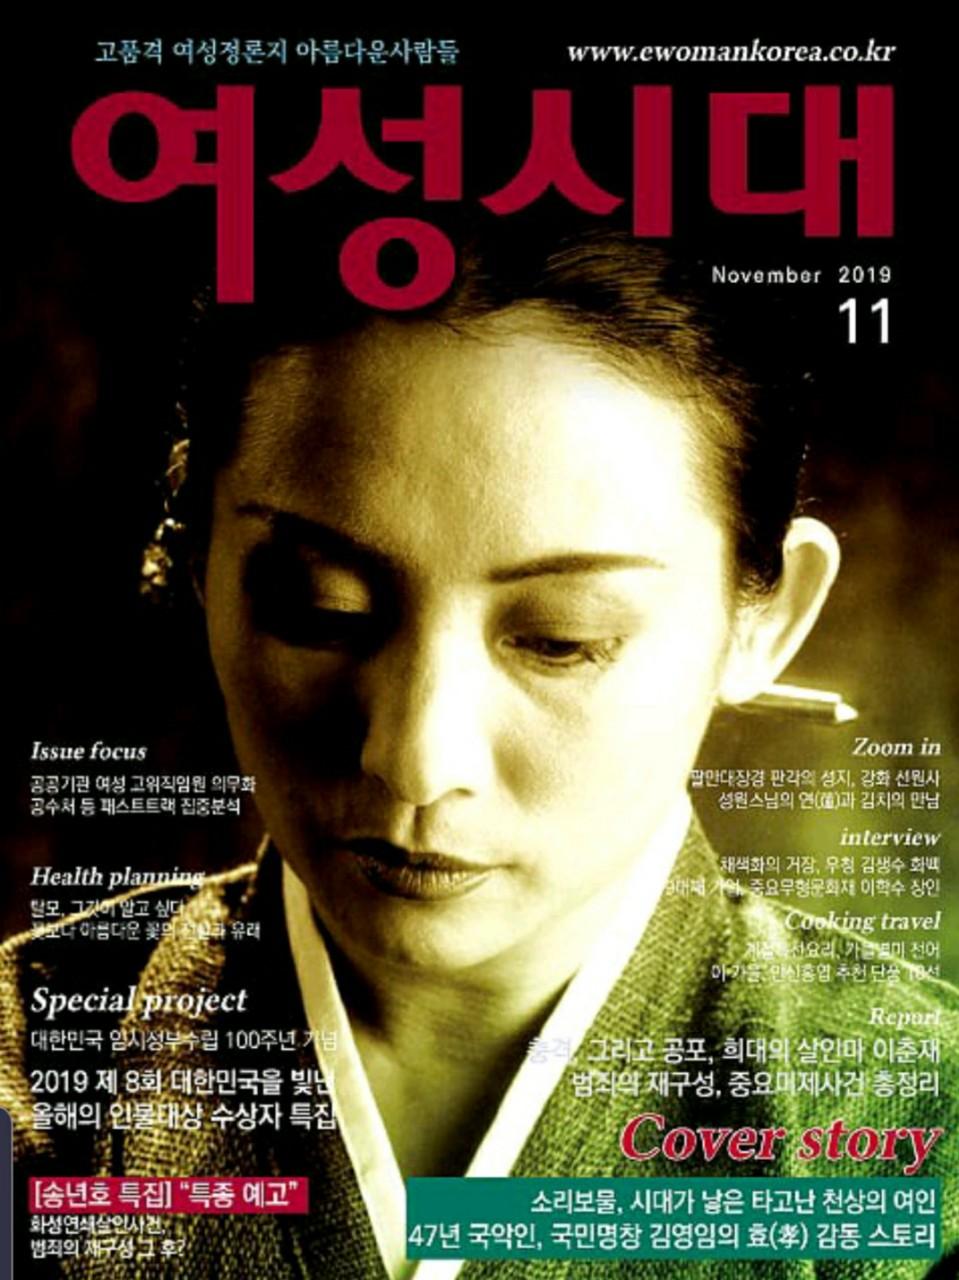 제54회 잡지의 날(2019년 11월 1일)